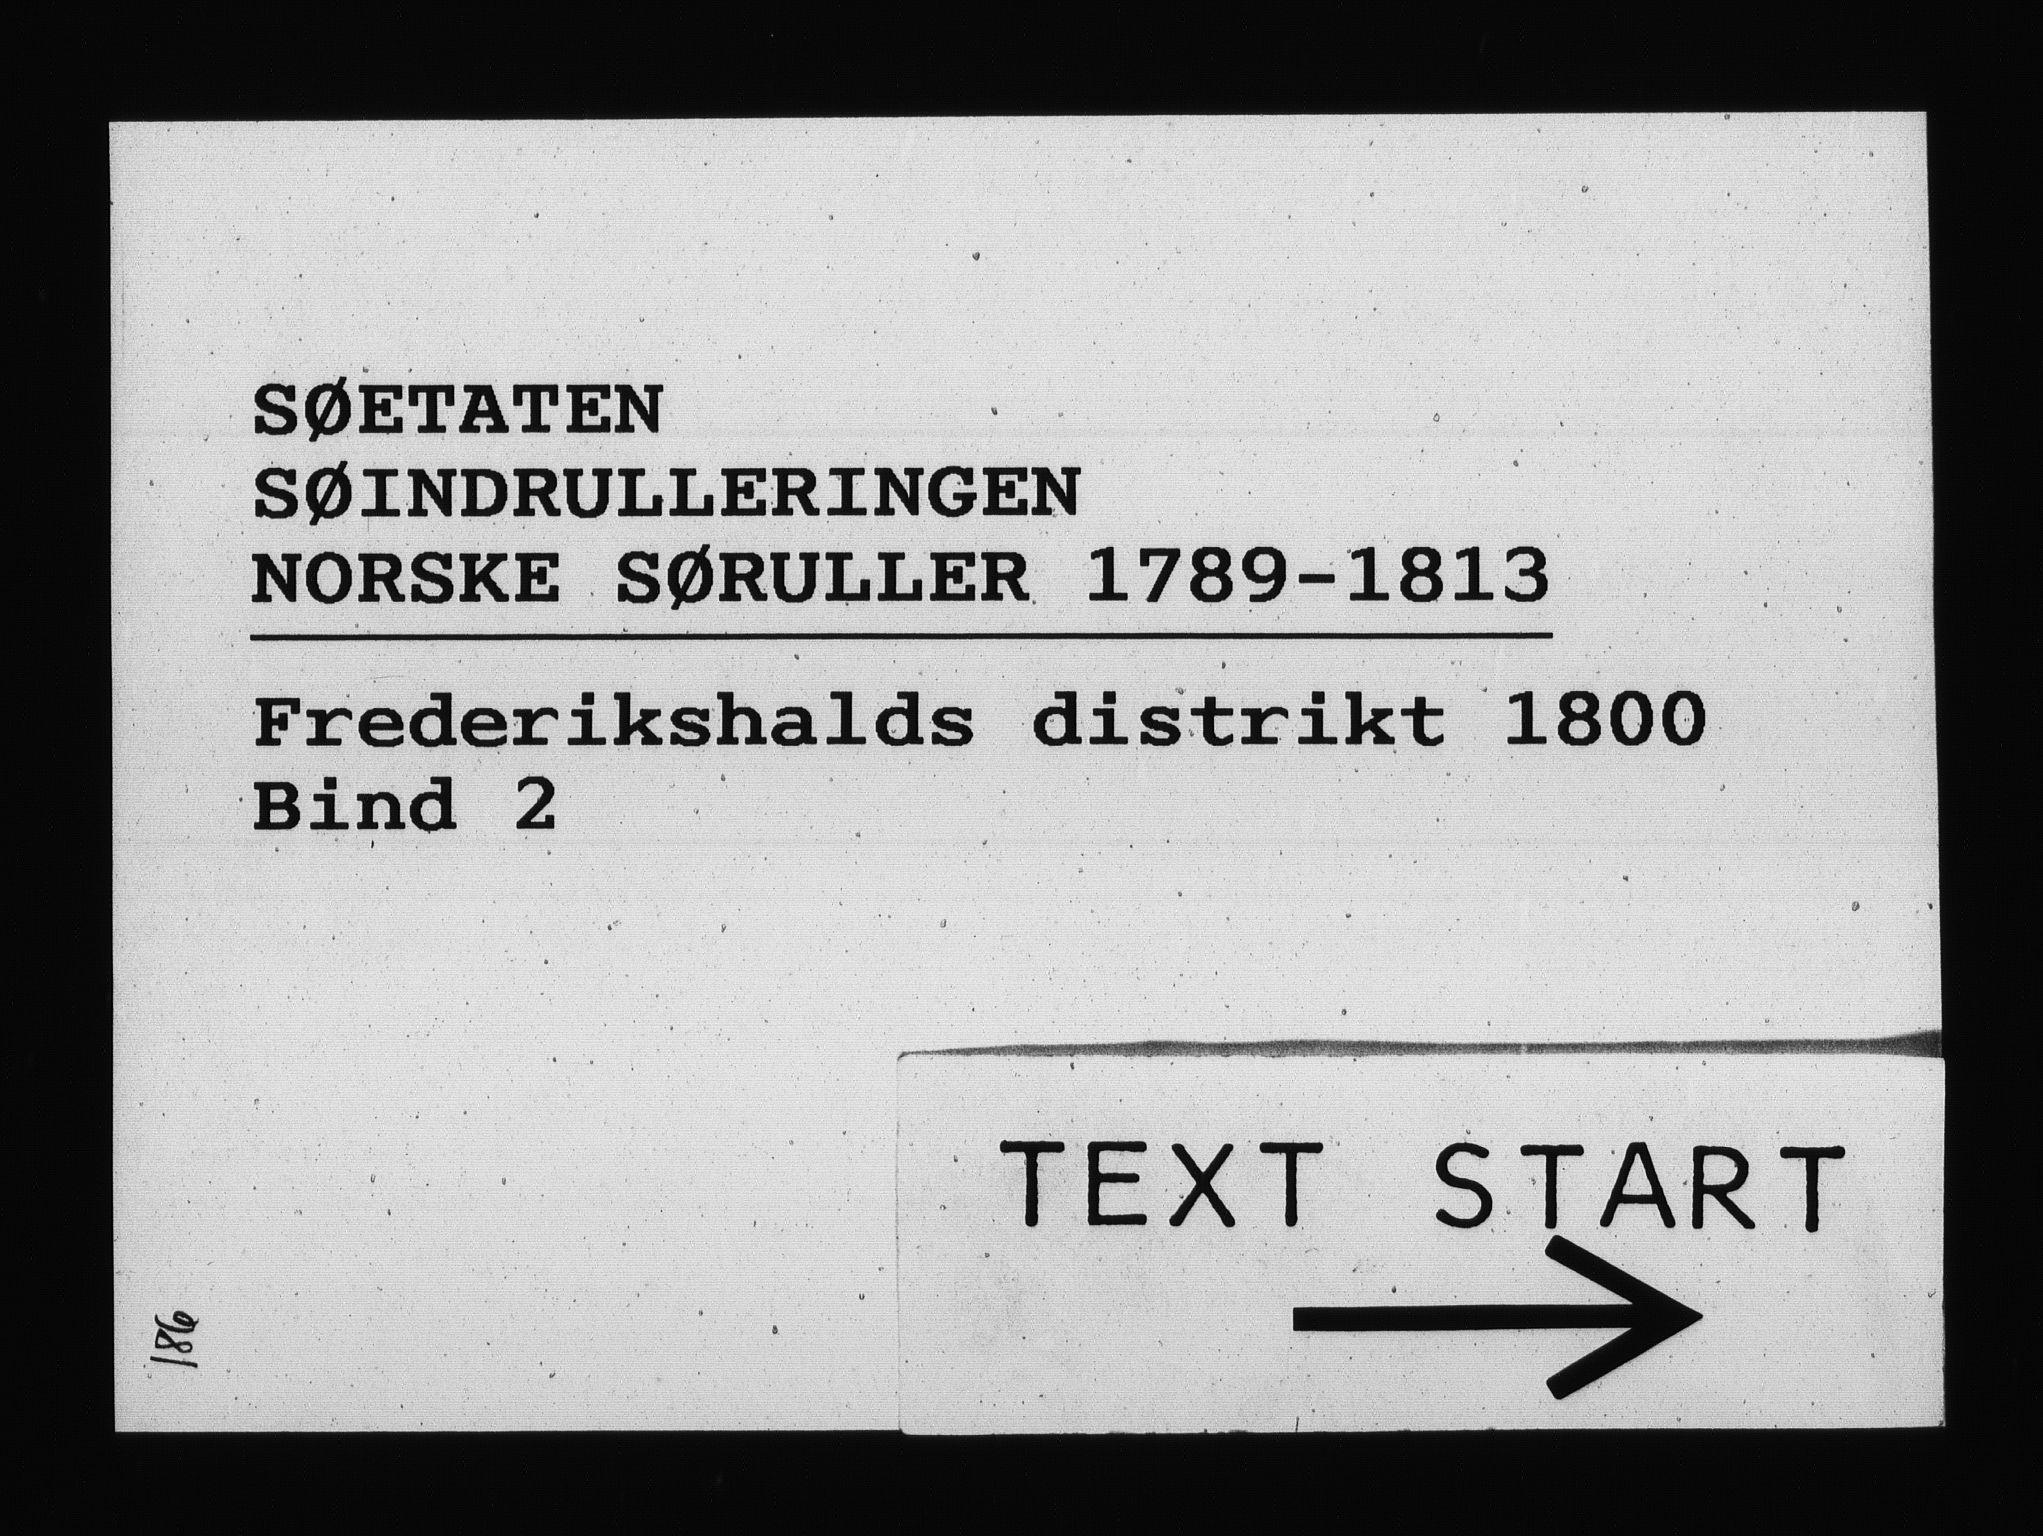 RA, Sjøetaten, F/L0187: Fredrikshalds distrikt, bind 2, 1800